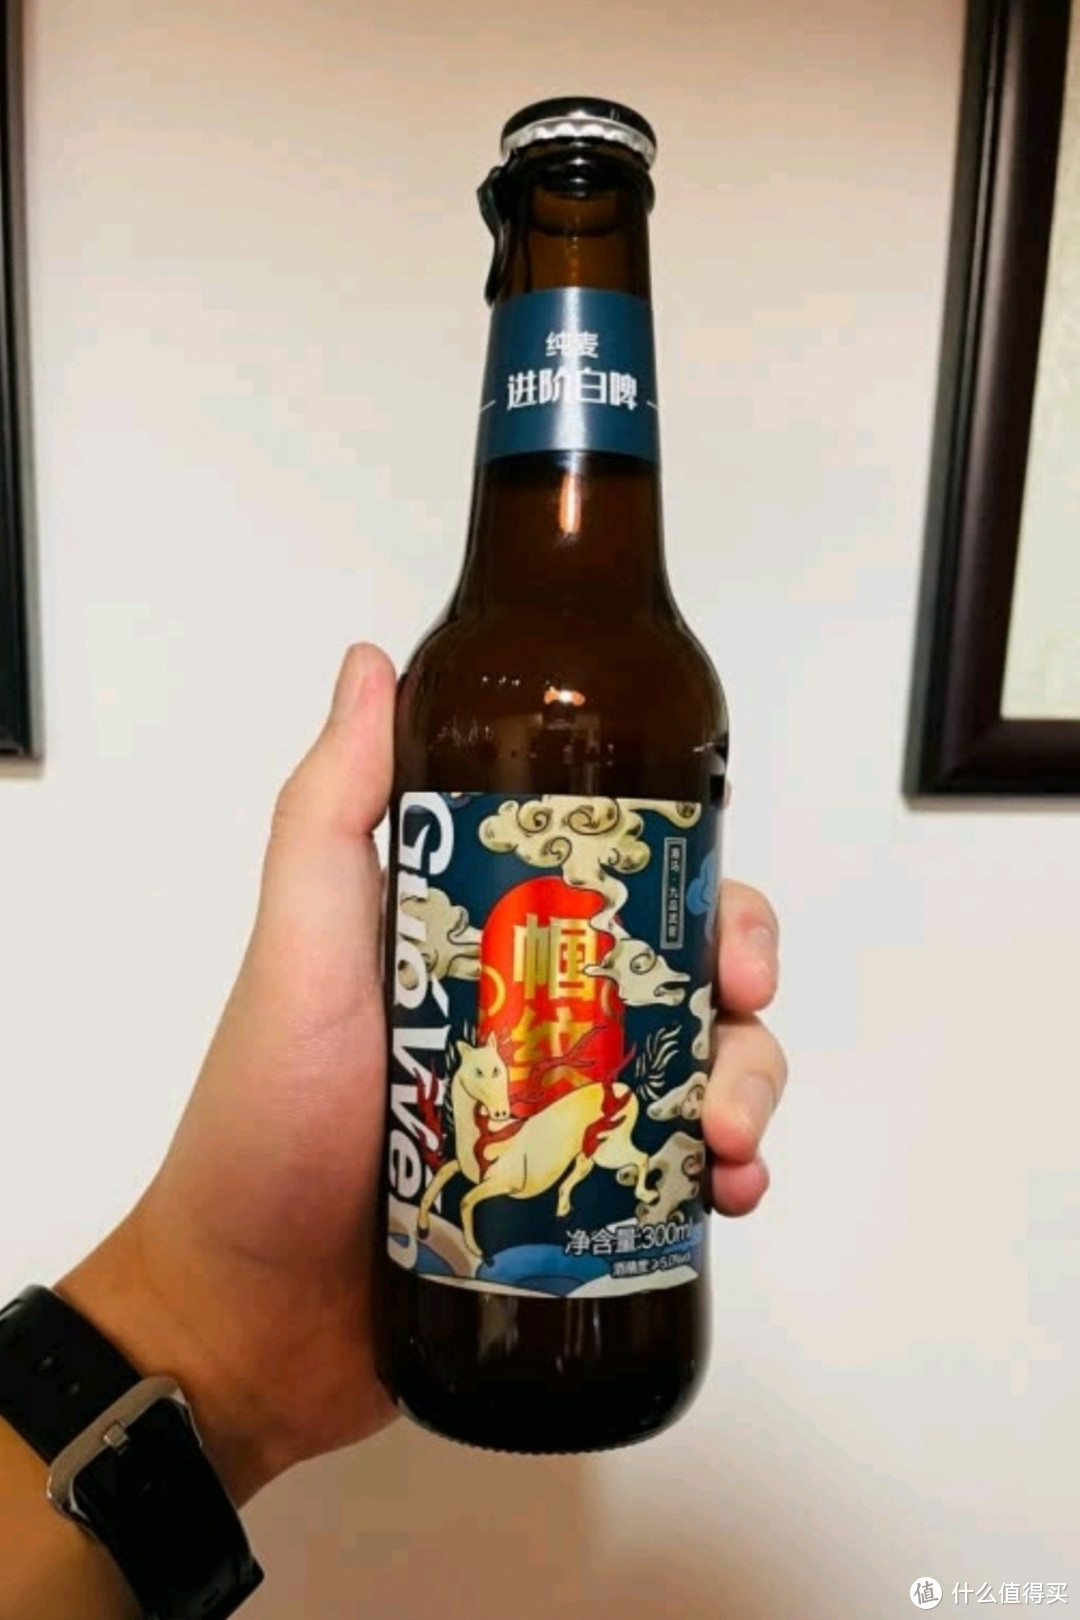 """推荐3款""""国产""""精酿啤酒,都是无大米的良心好啤,关键好喝不贵"""